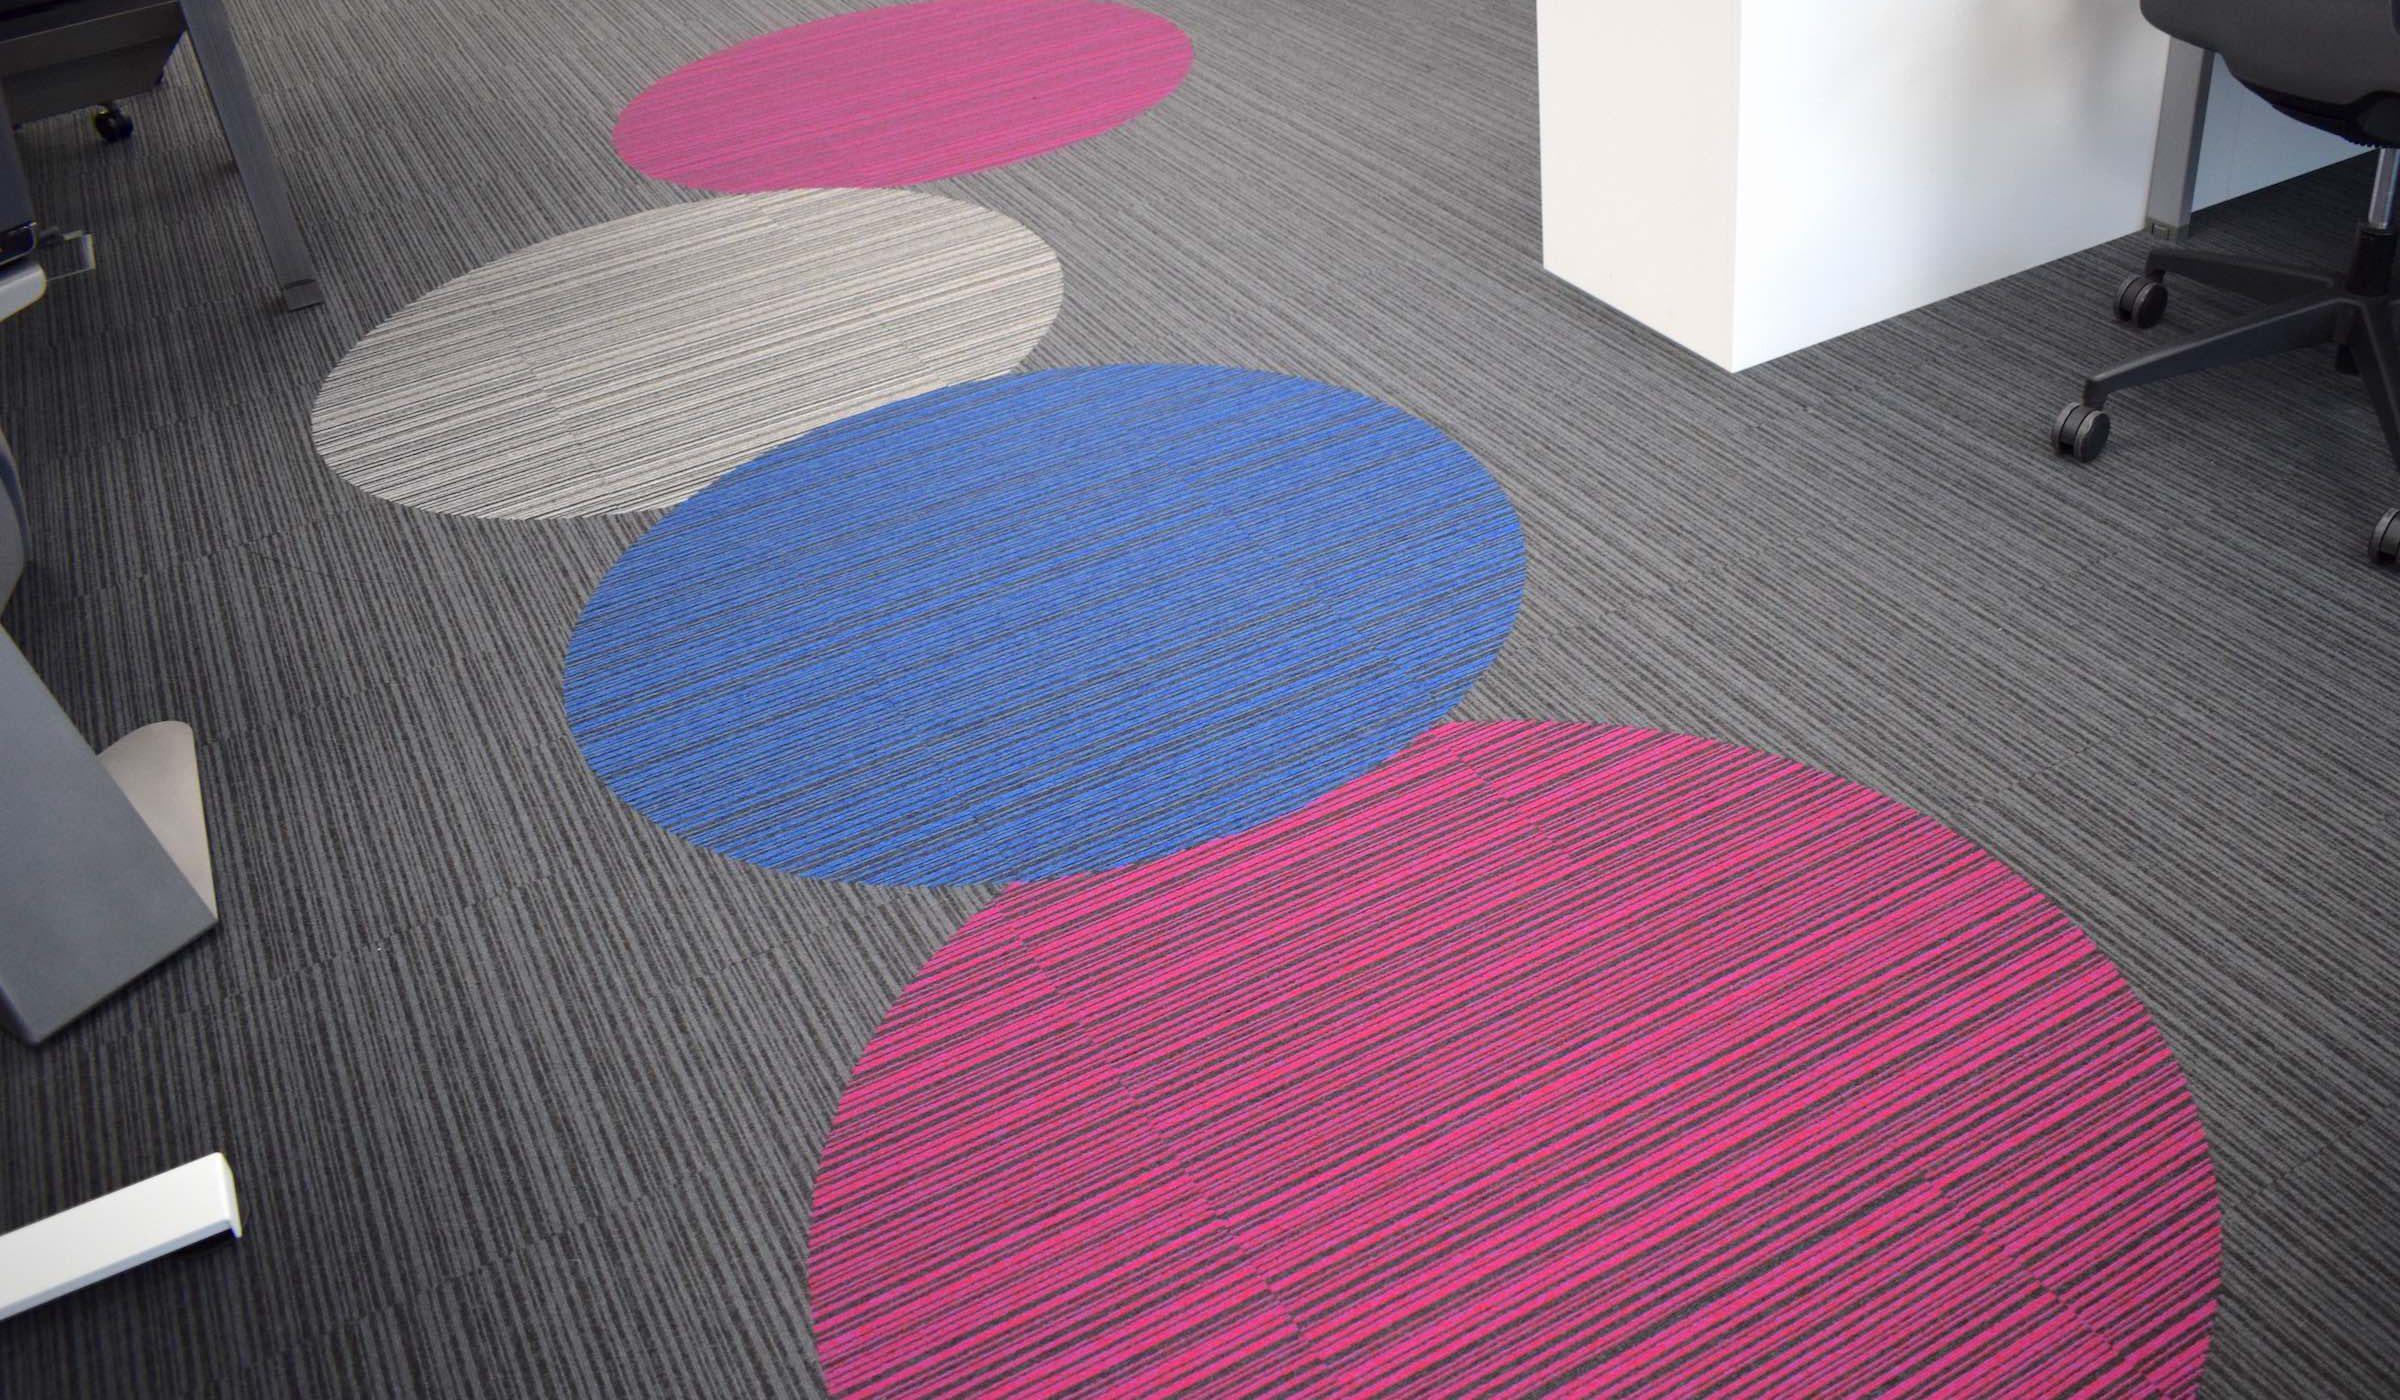 Codec | Paragon Carpet Tiles | Commercial Carpet Tiles | Design Carpet Tiles 6